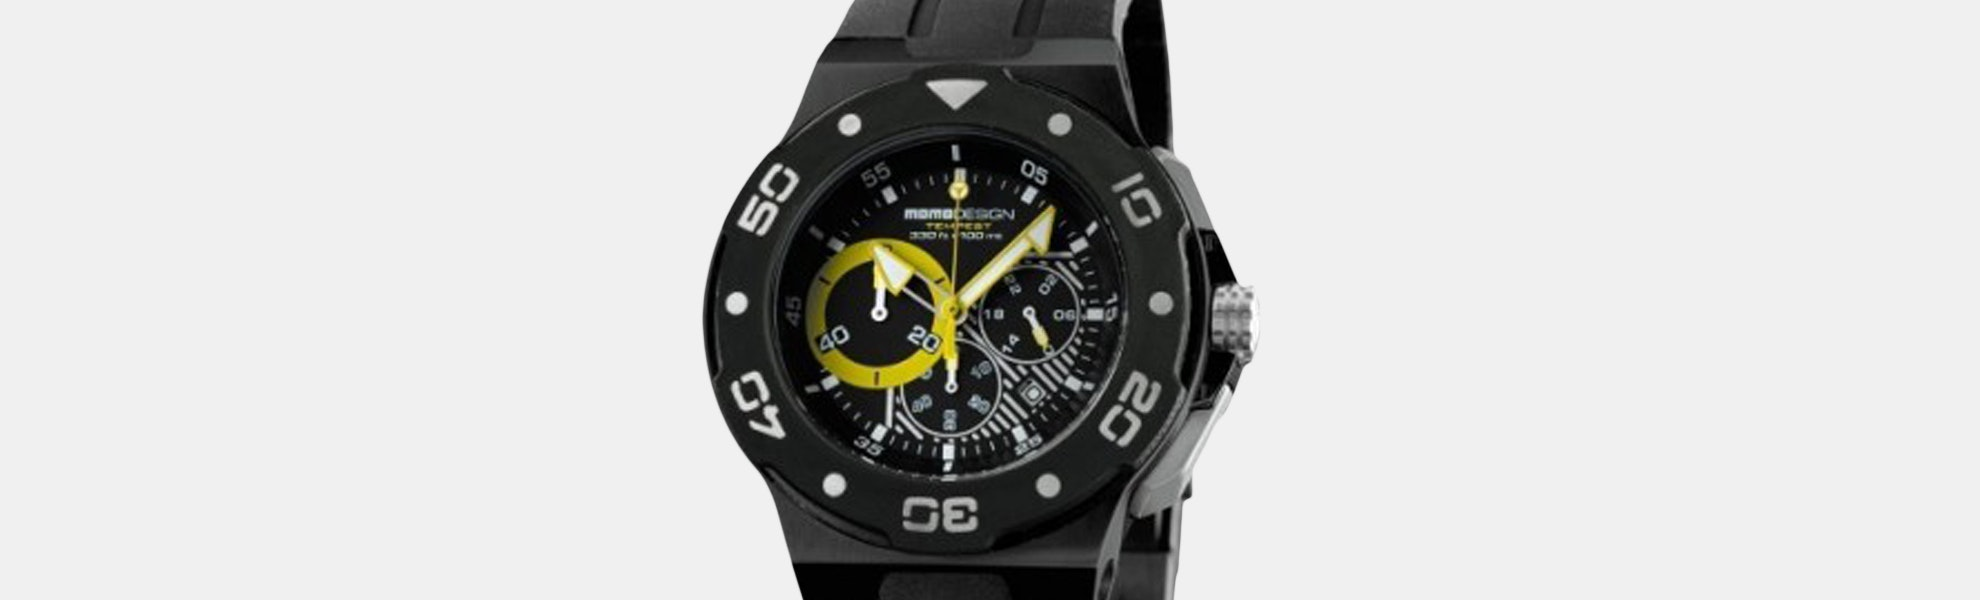 Momo Design Tempest Chronograph Quartz Watch